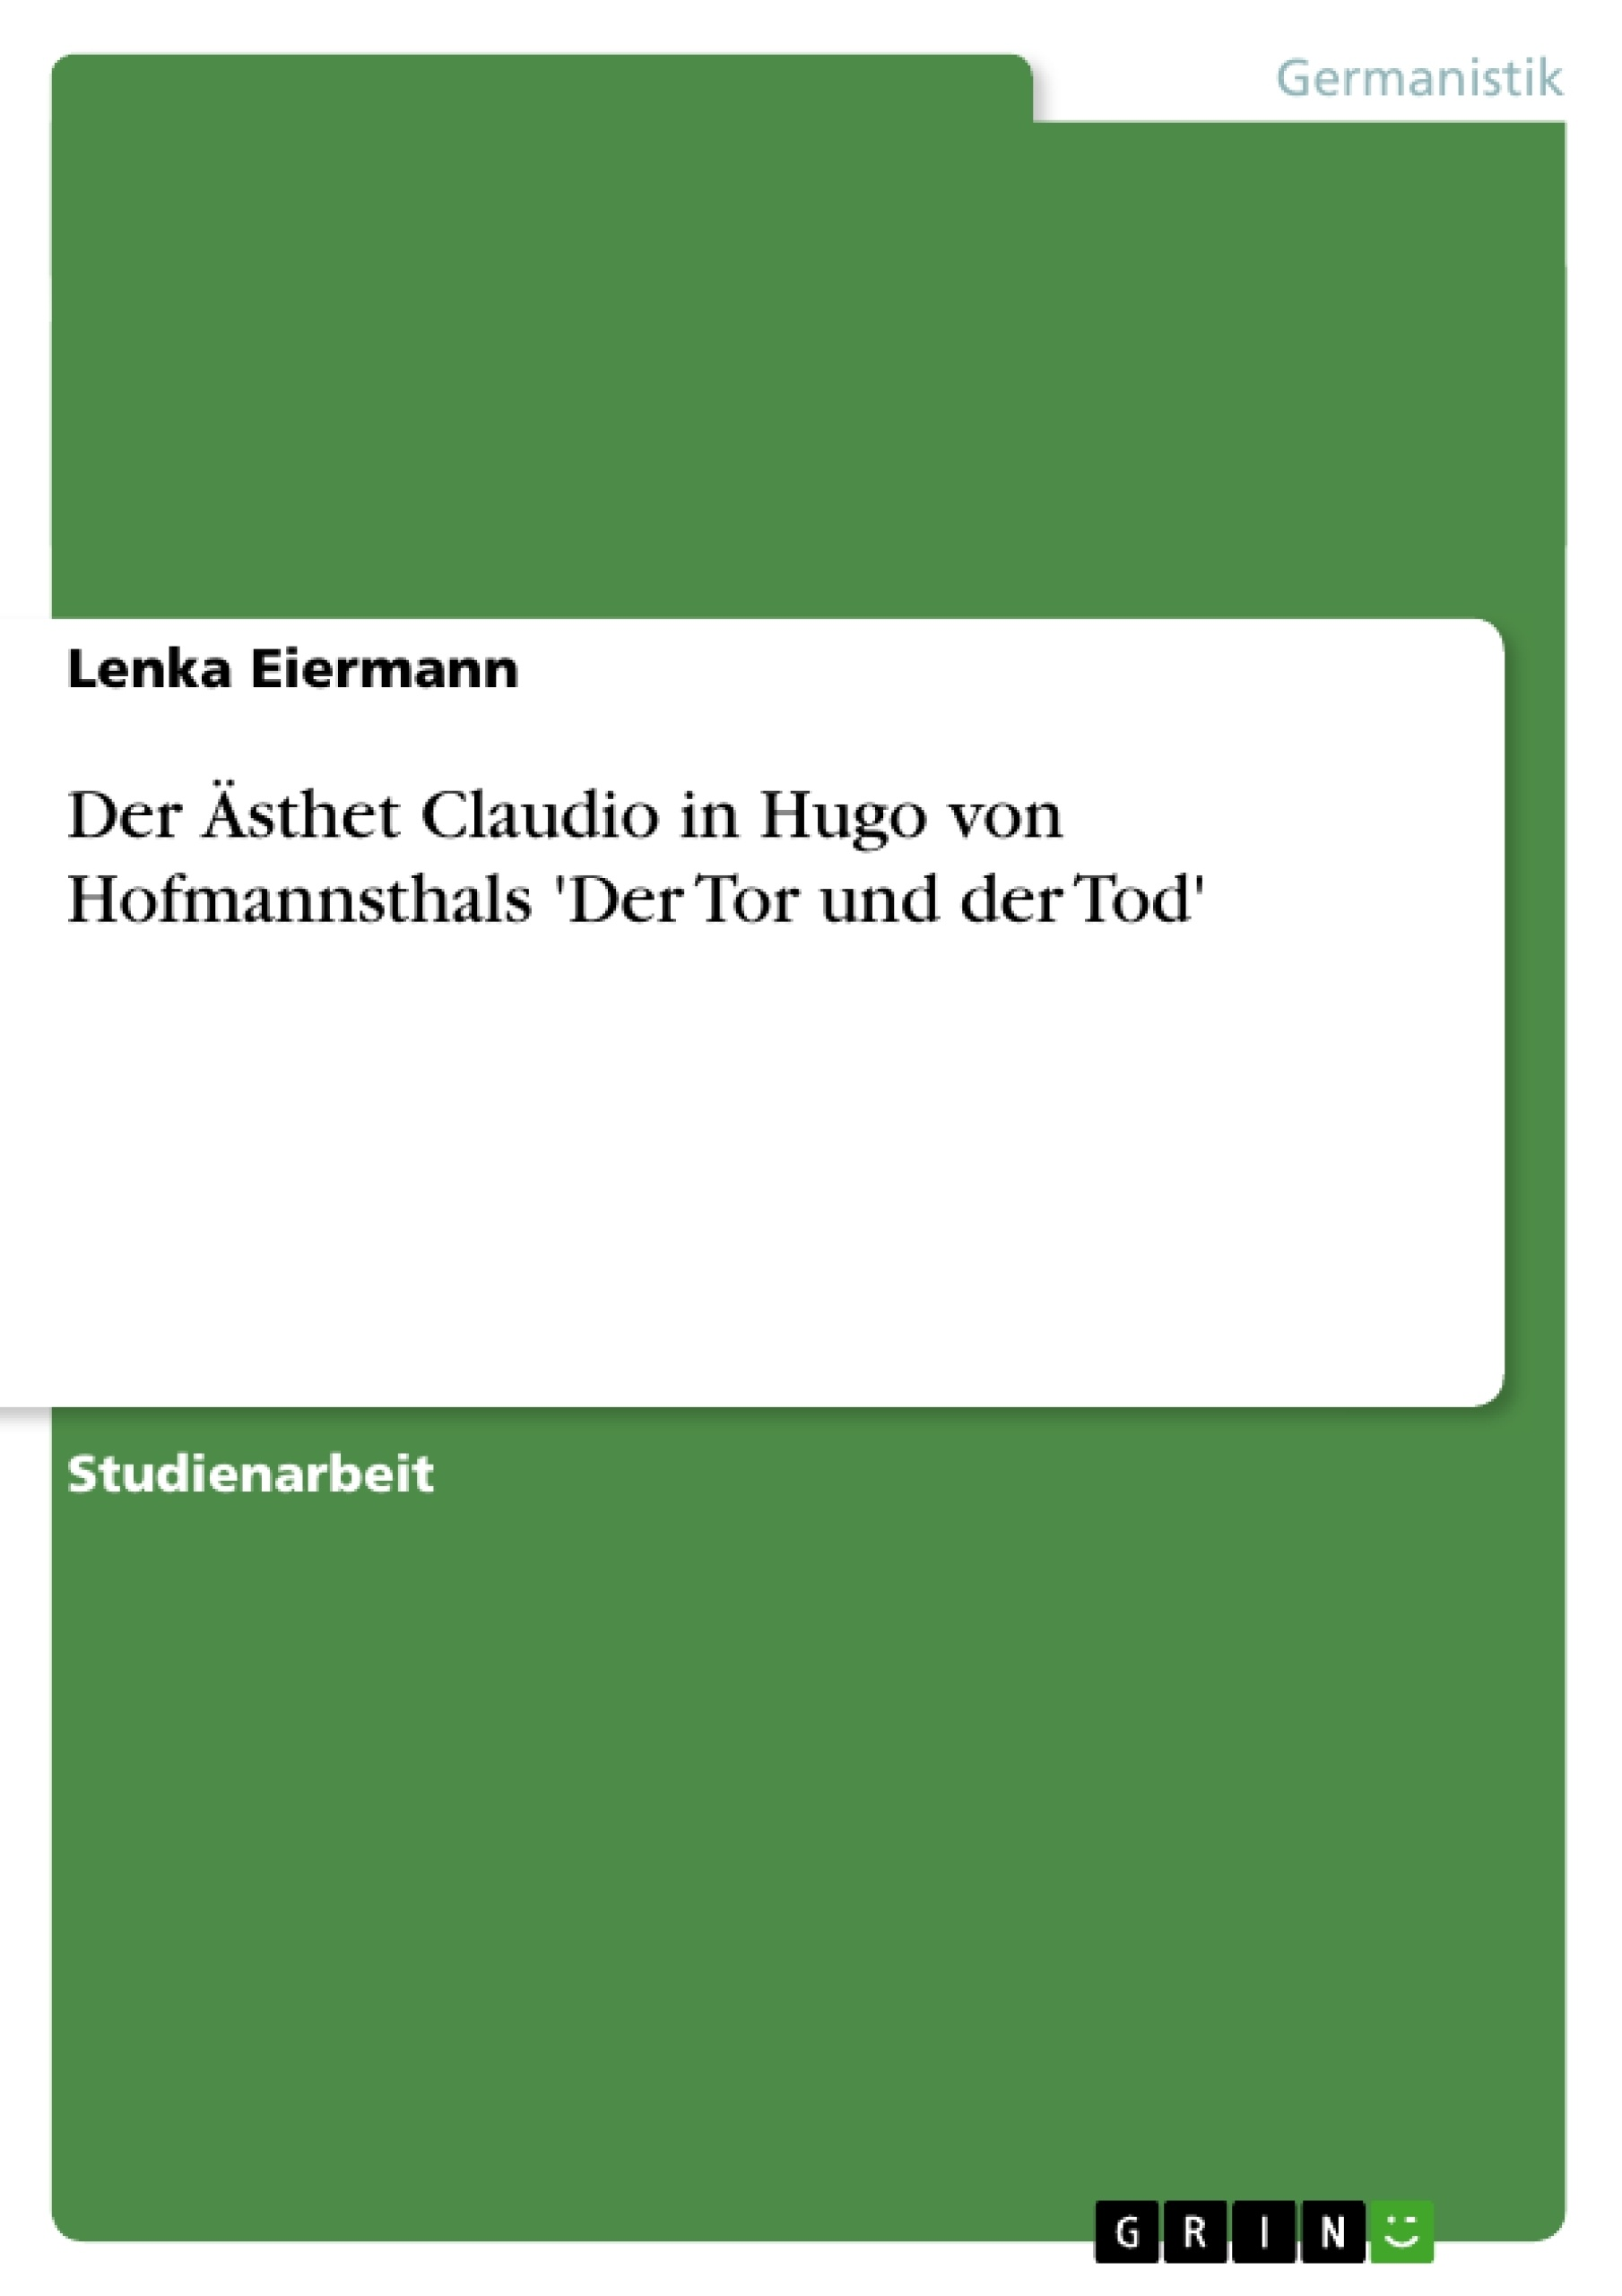 Titel: Der Ästhet Claudio in Hugo von Hofmannsthals 'Der Tor und der Tod'